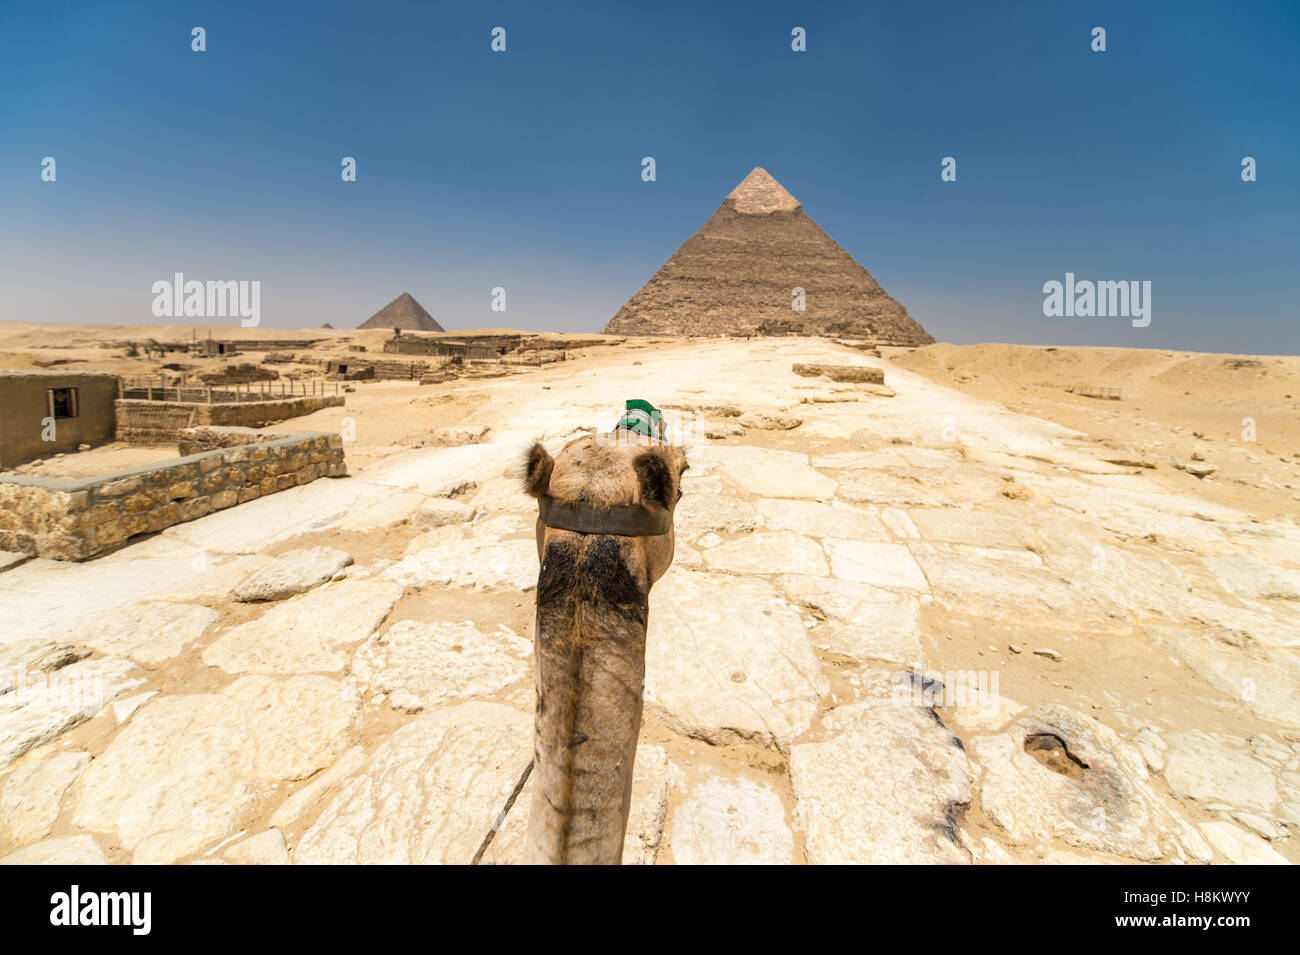 Il Cairo, Egitto turista a dorso di un cammello nel deserto con le grandi piramidi di Giza in background. Questi Immagini Stock